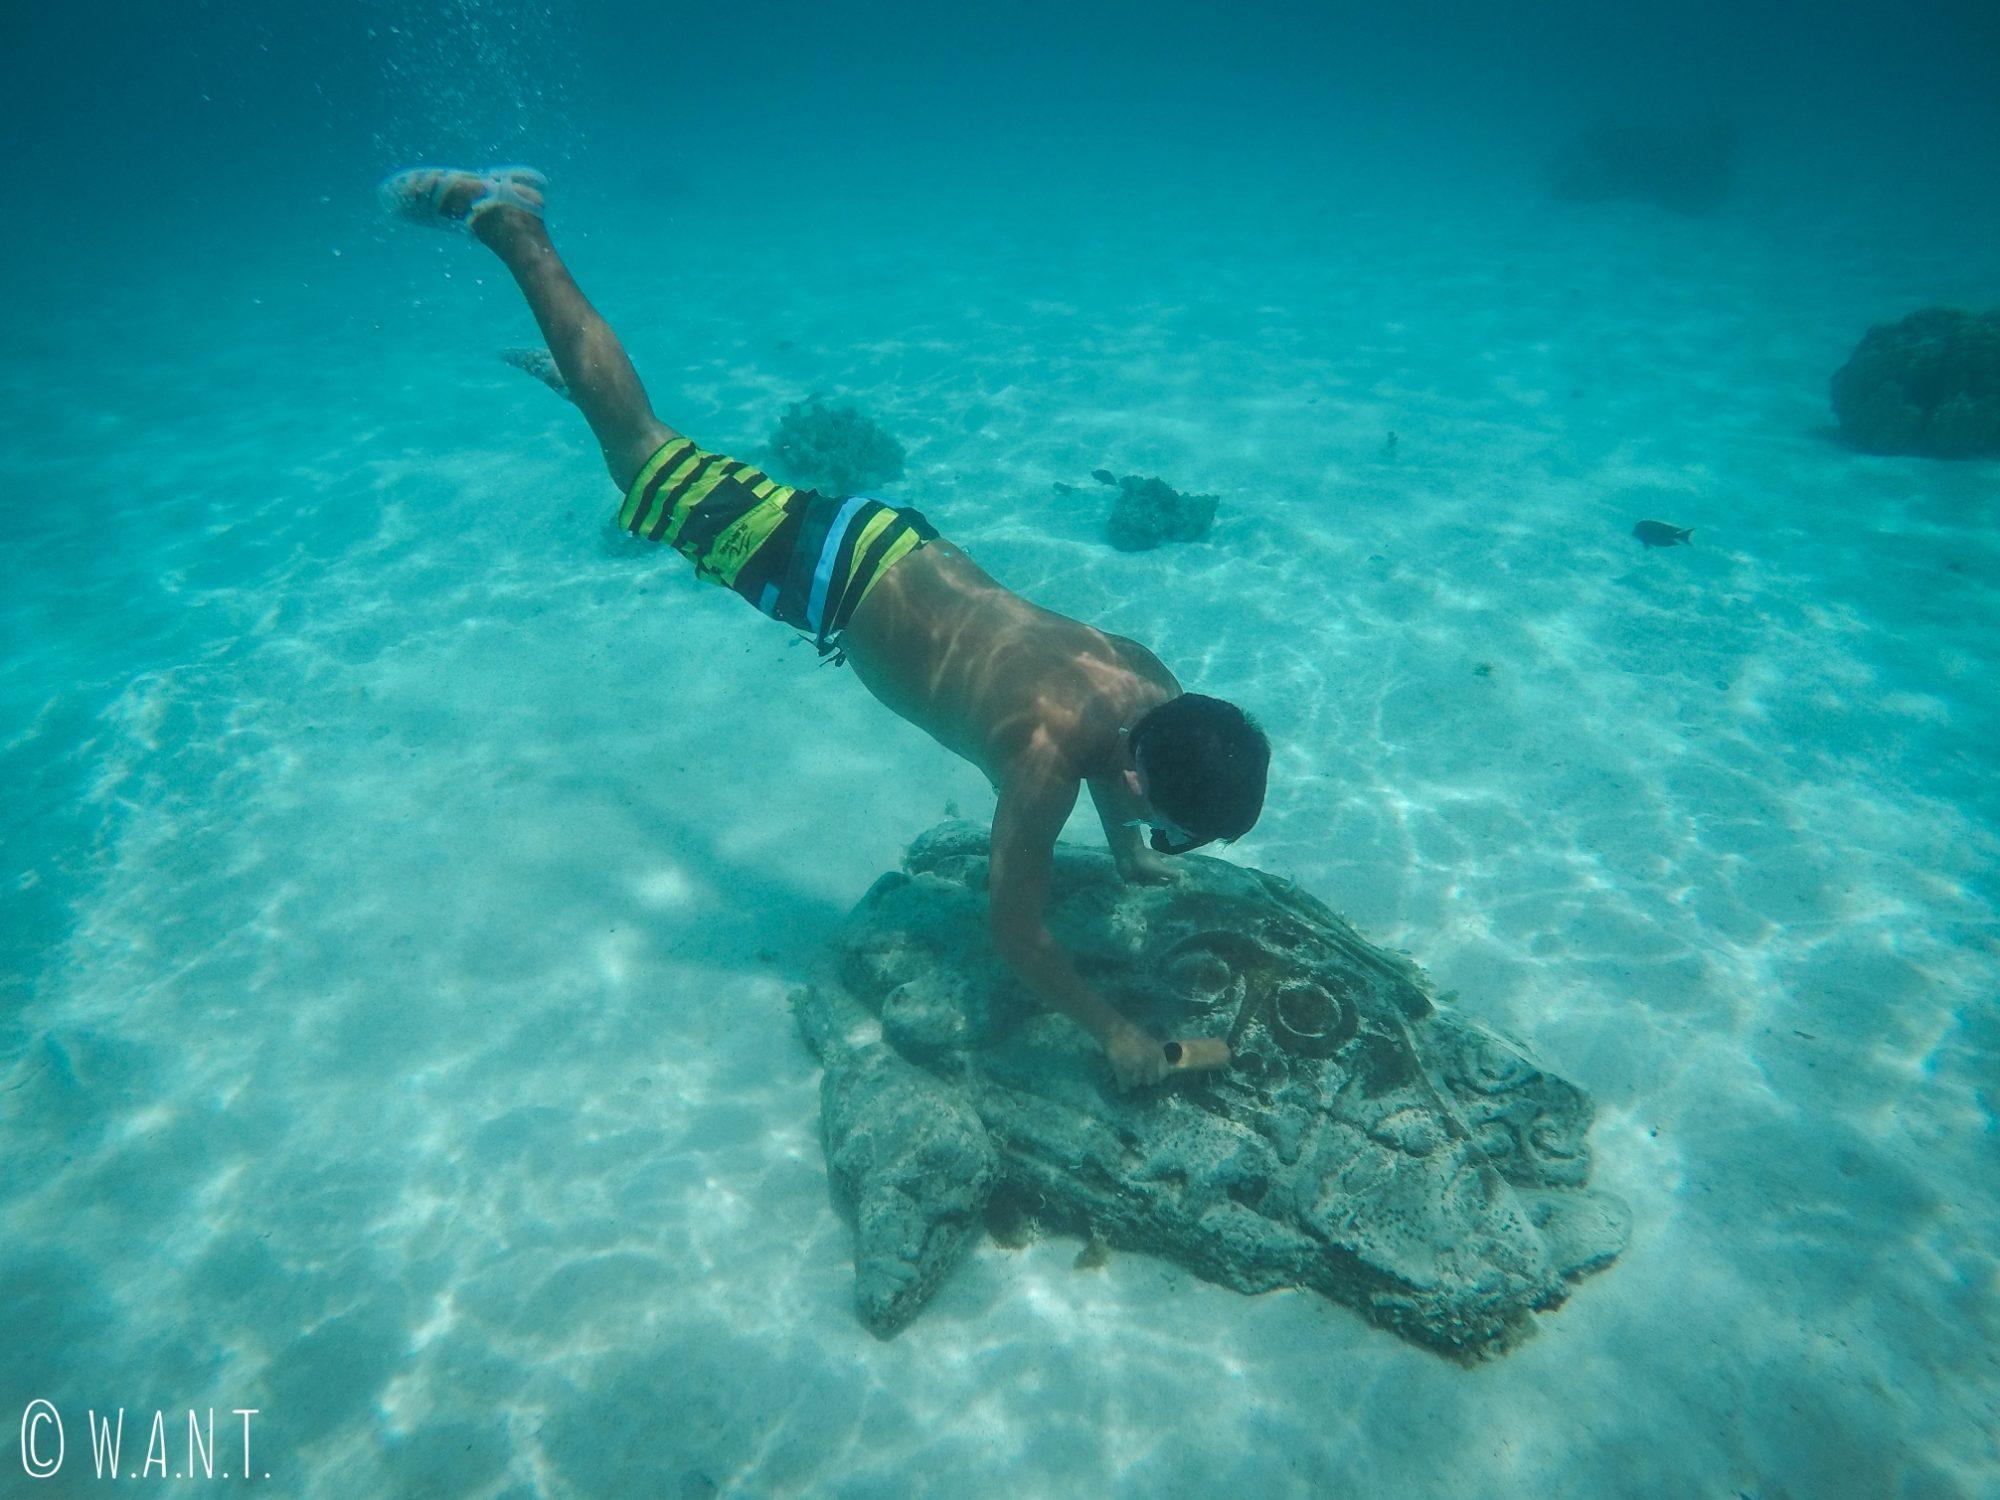 On trouve des scuptures sous-marine dans le lagon de Moorea